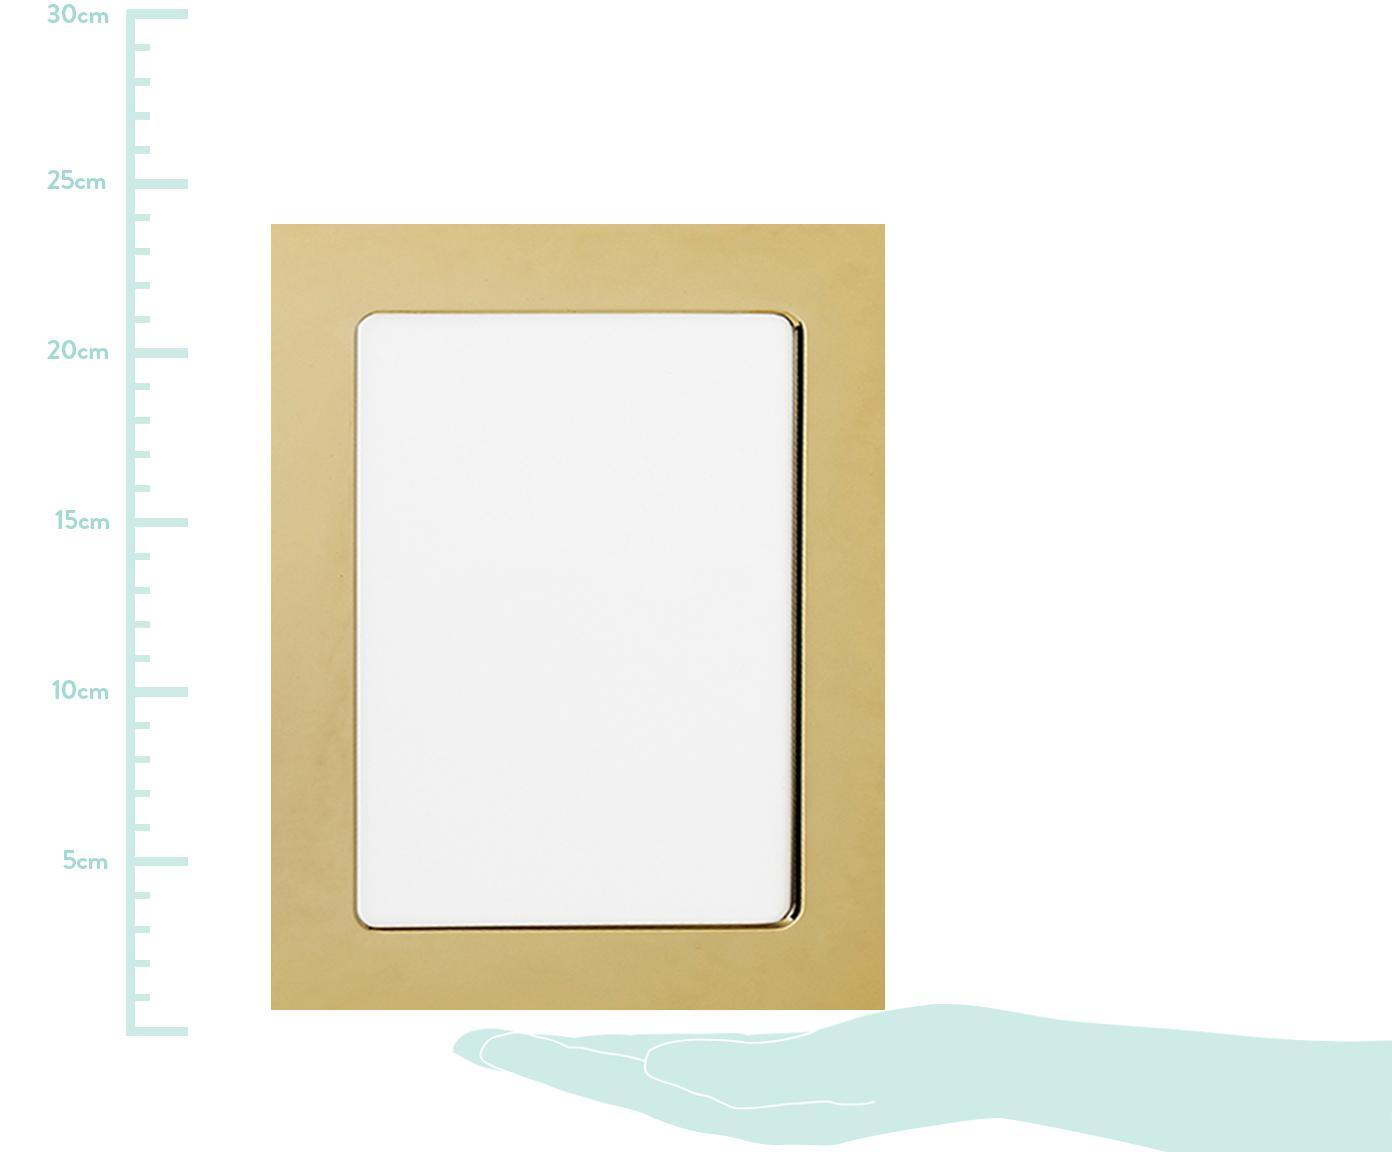 Bilderrahmen Memory, Rahmen: Eisen, hochglanz lackiert, Front: Glas, spiegelnd, Goldfarben, 13 x 18 cm